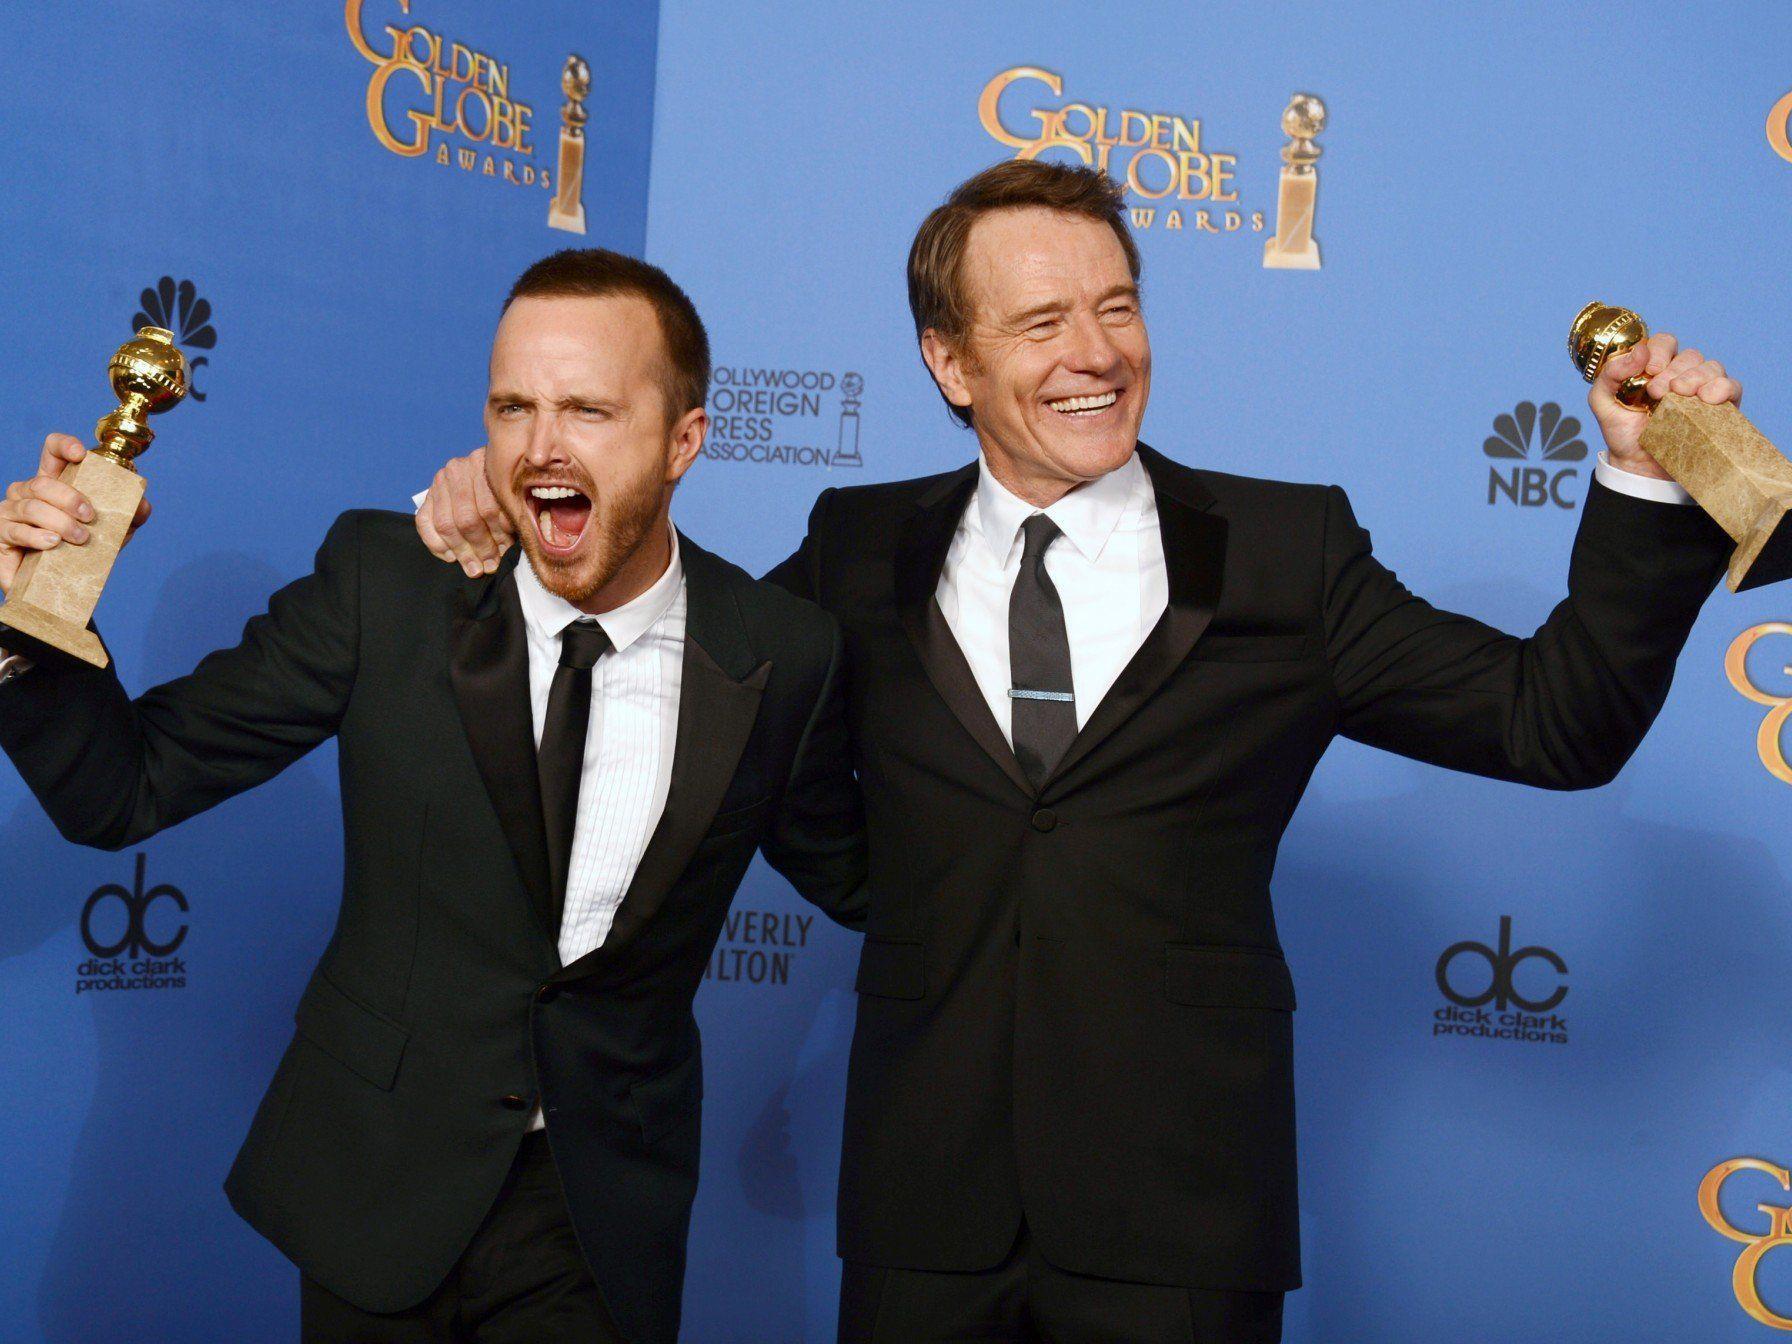 """Golden Globes für die TV-Serie """"Breaking Bad"""" als beste Drama-Serie."""